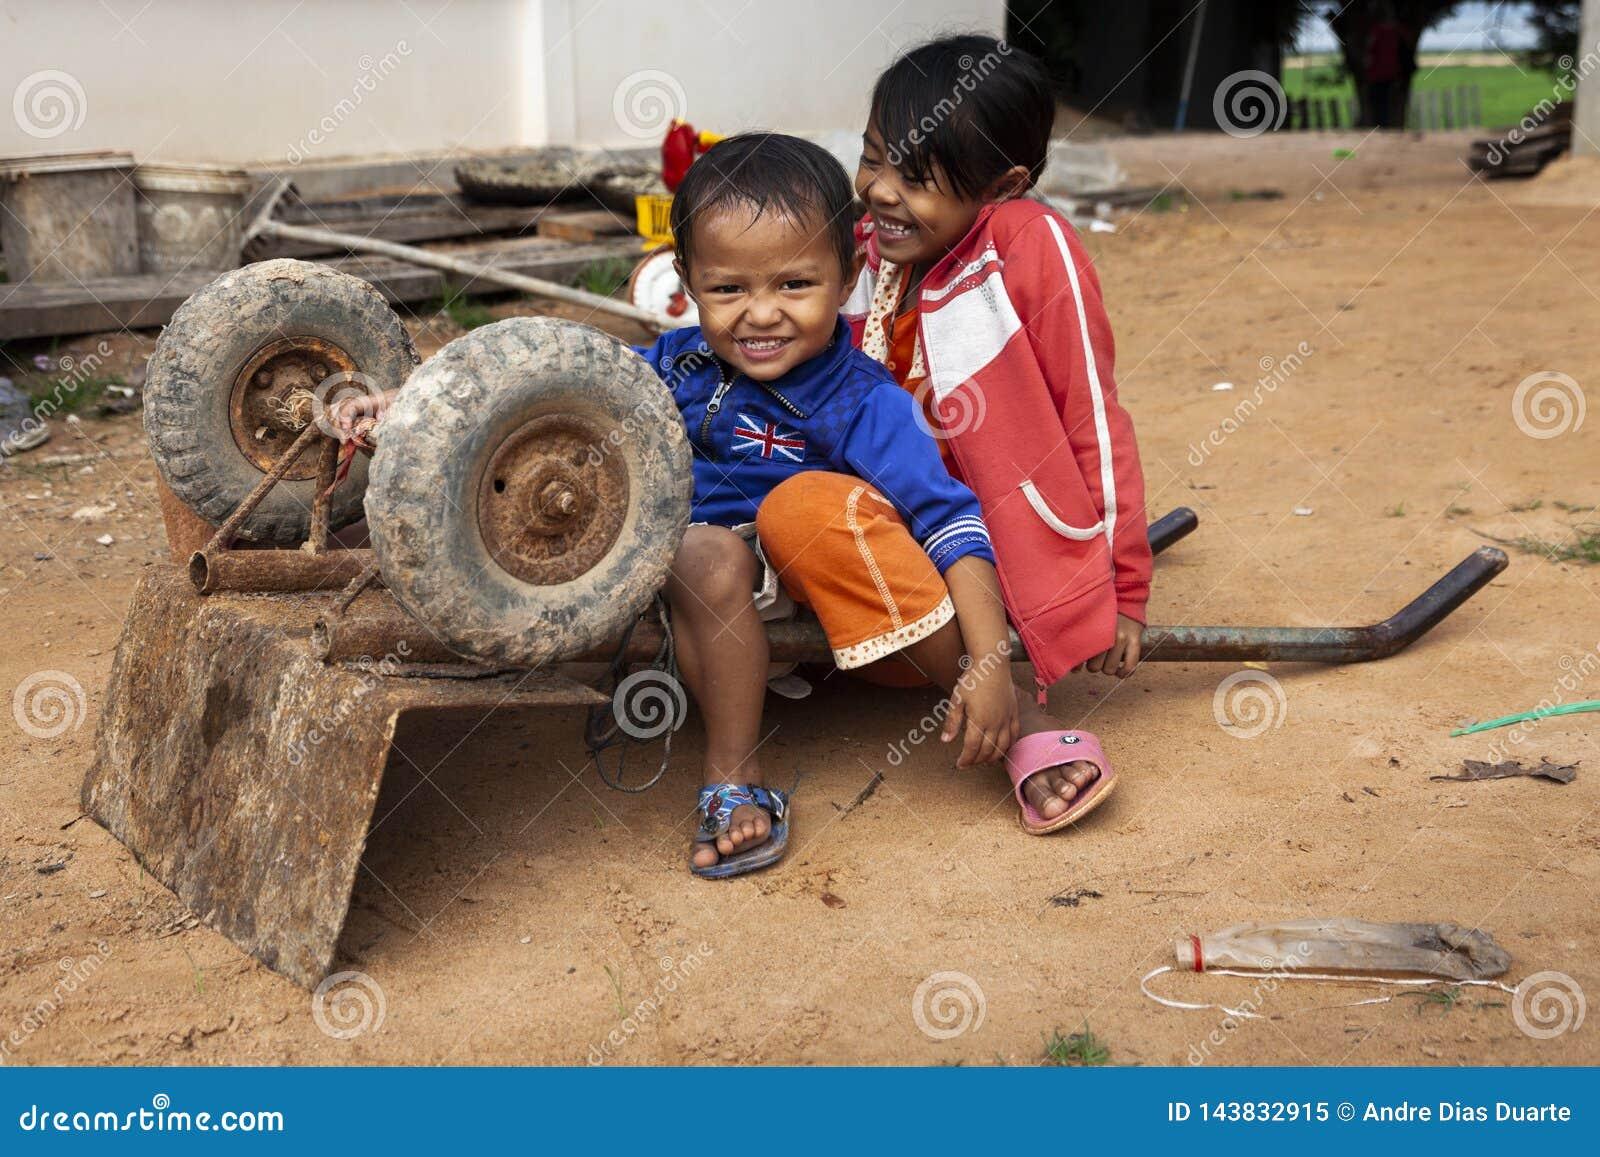 Två ungar som spelar med en skottkärra